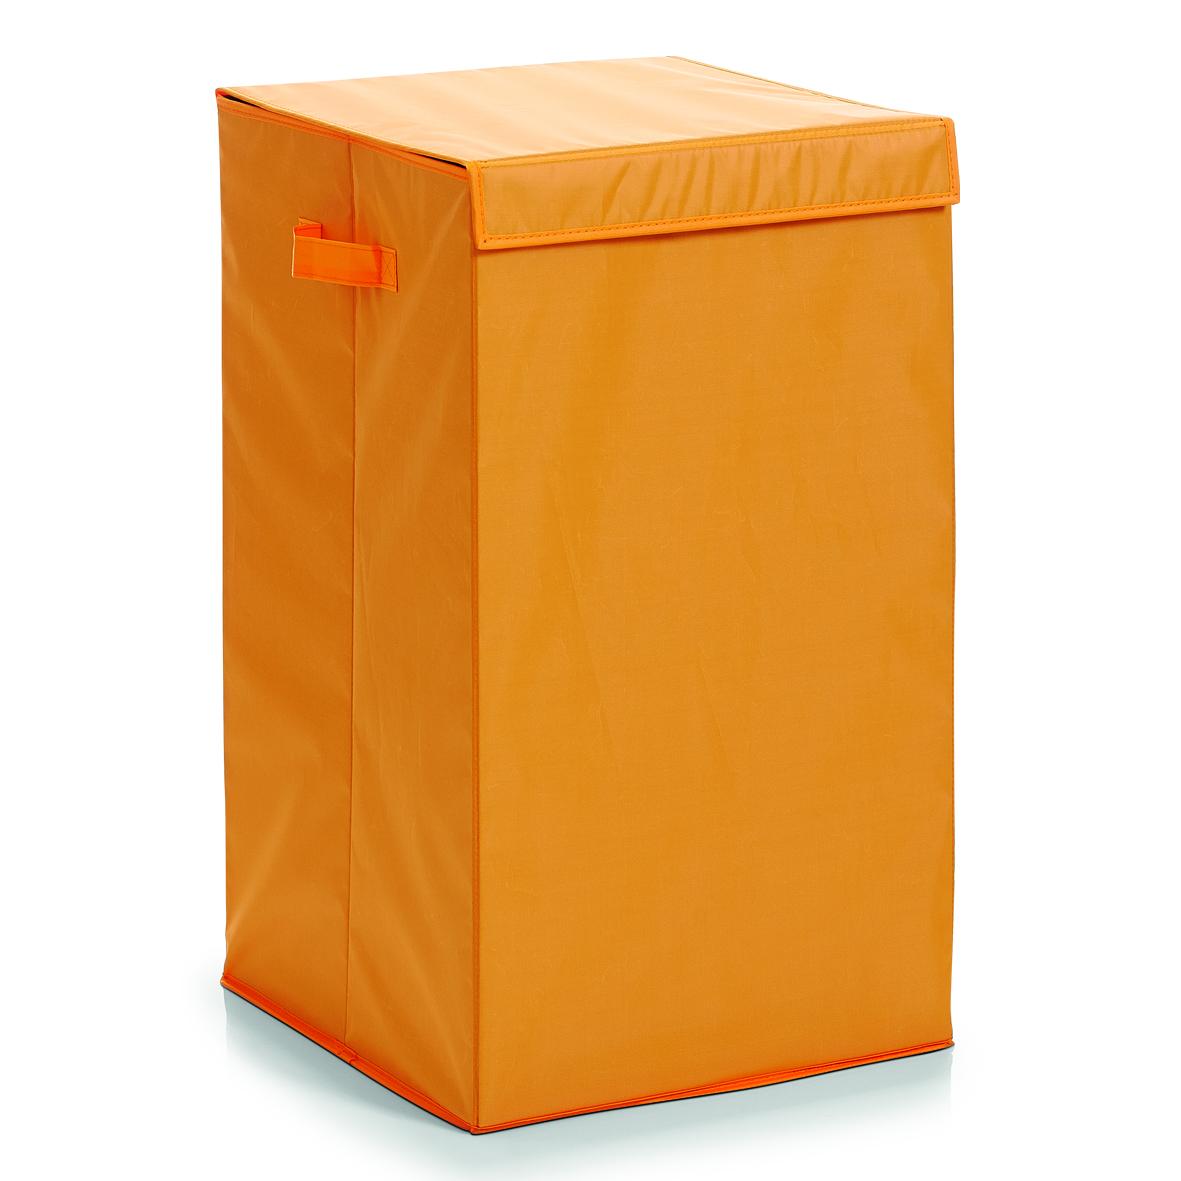 Zeller, Koš na prádlo, oranžový, 13261